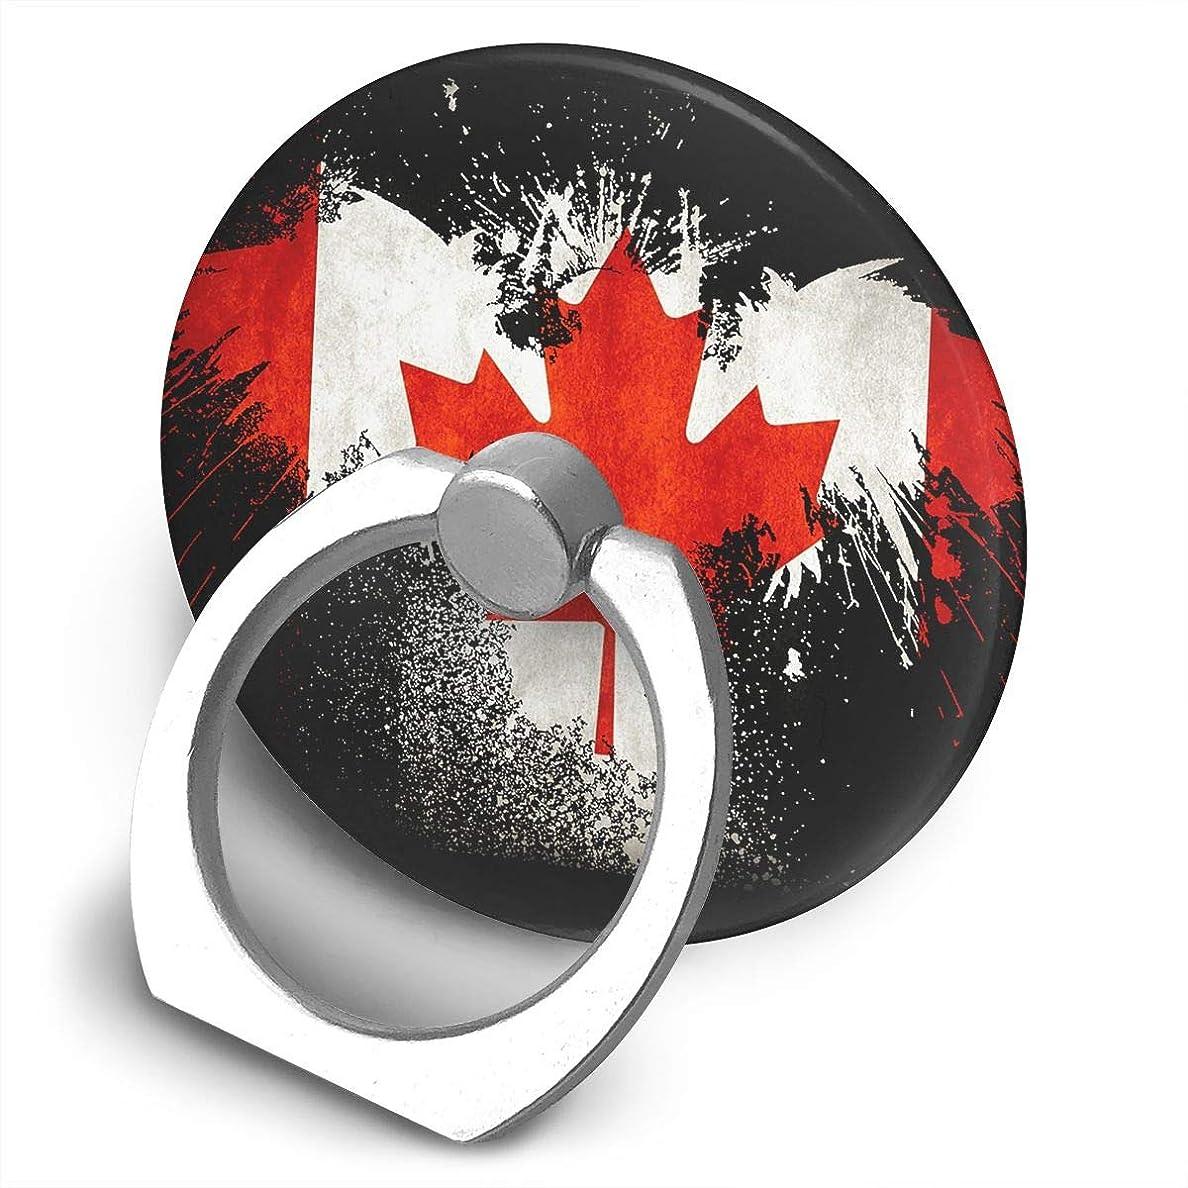 少ない入り口理由カナダ国旗イーグル 360度回転 携帯リング スタンド スマホスタンド ホルダー 薄型 指輪 リング 携帯アクセサリースタンド機能 落下防止